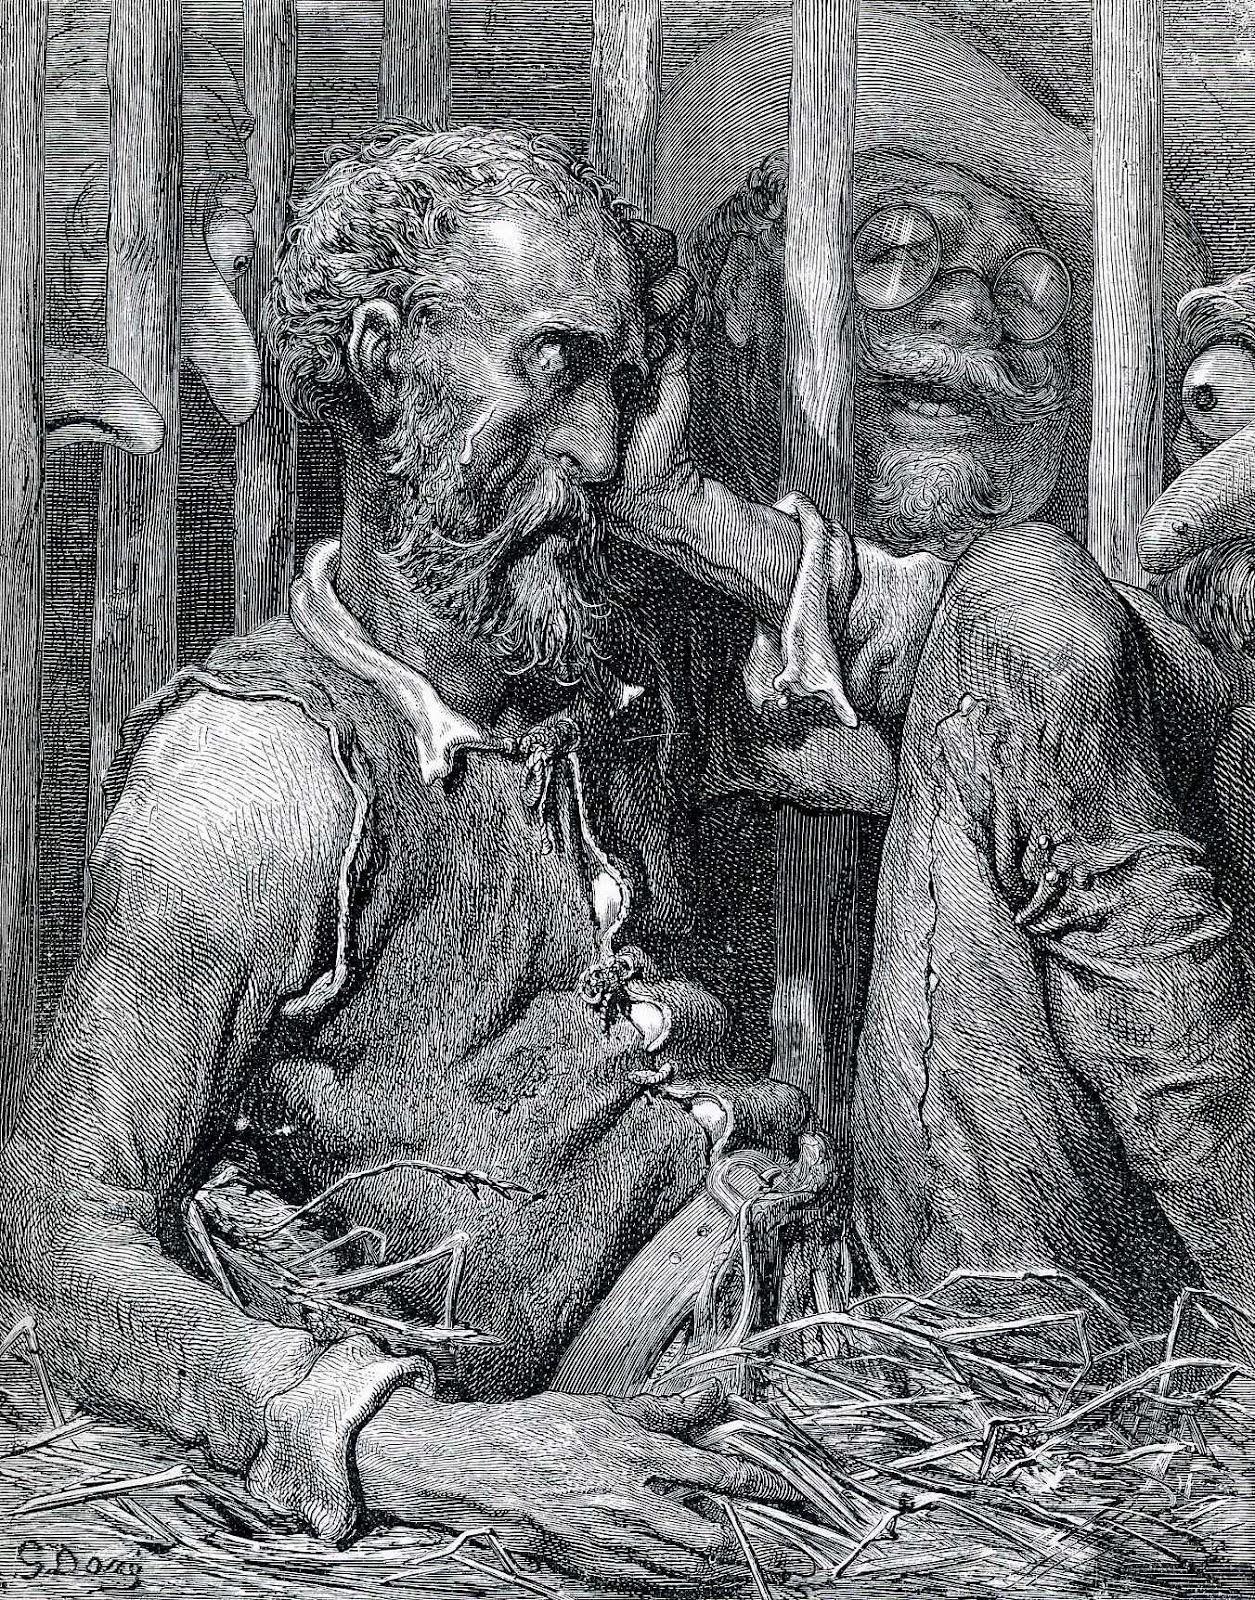 Dom Quixote, Sancho Pança, Dom Quixote Encantado, Encantamento de Dom Quixote, Dom Quixote enjaulado, Ilustração, Gustave Doré